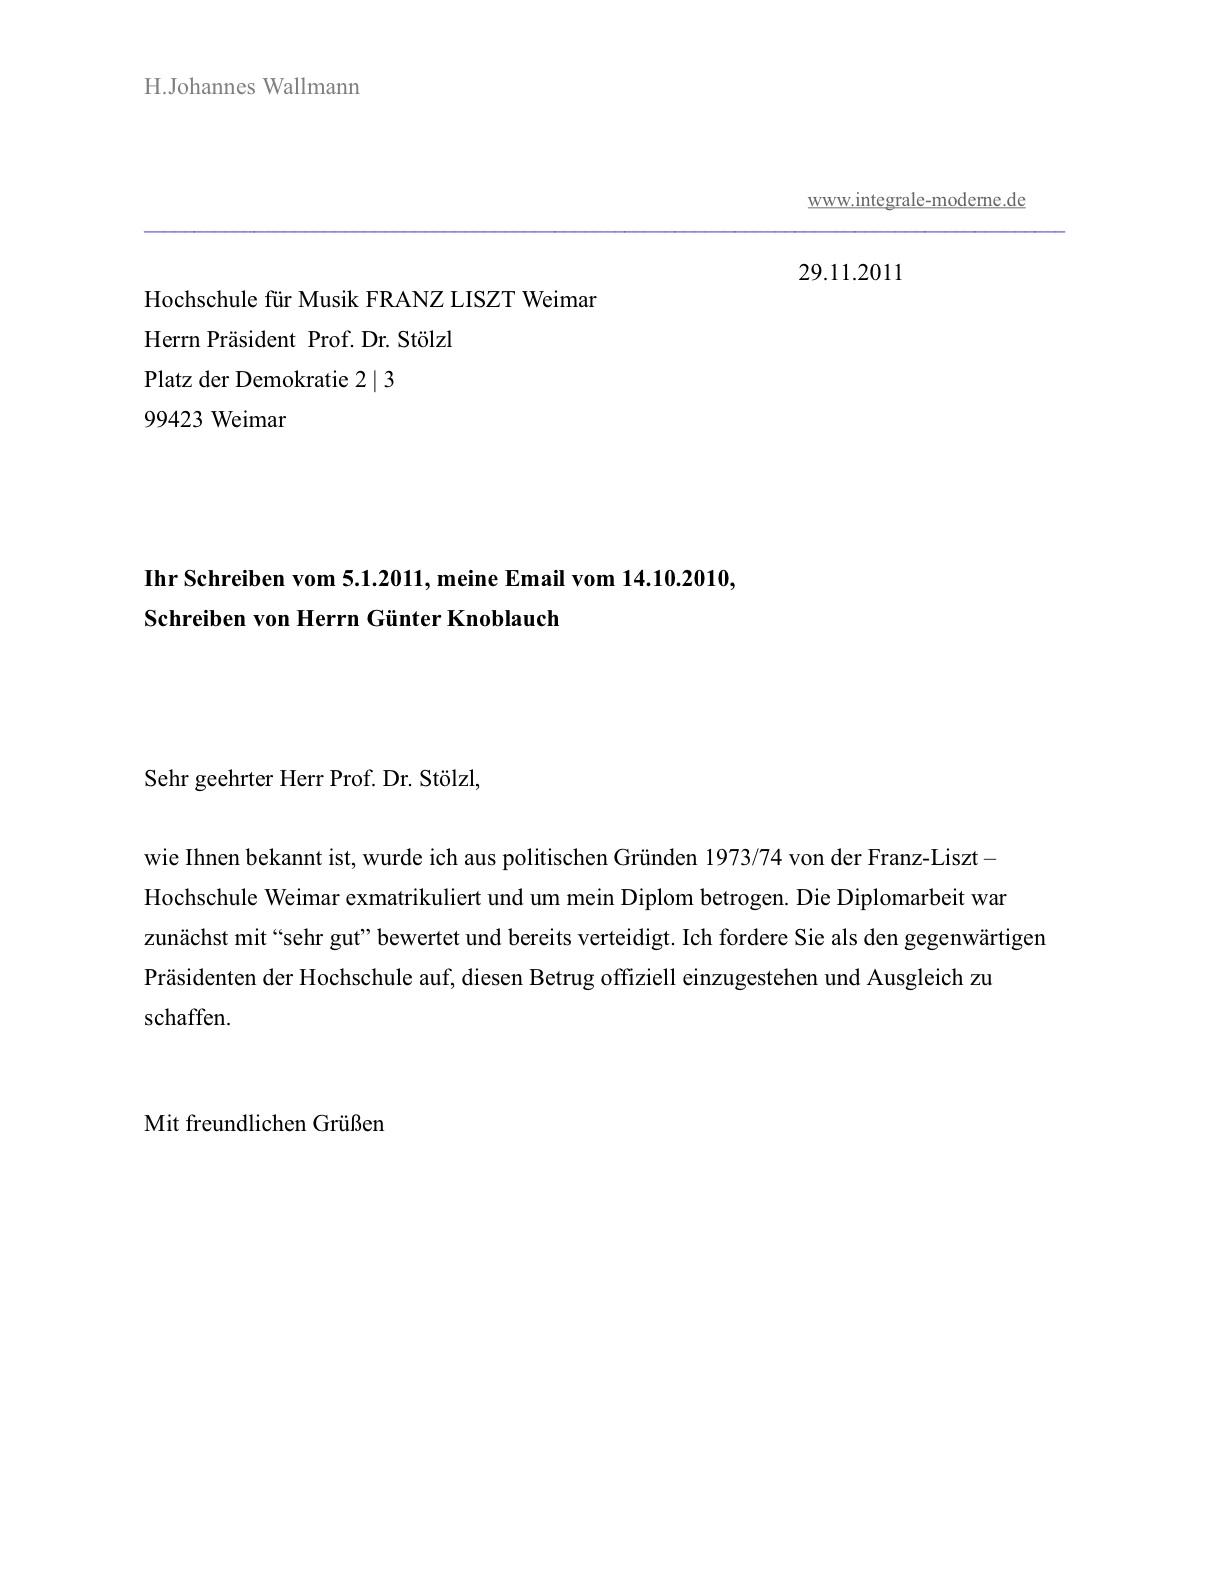 Positives Mpu Gutachten Seite 13 T Die Biografie Schreiben